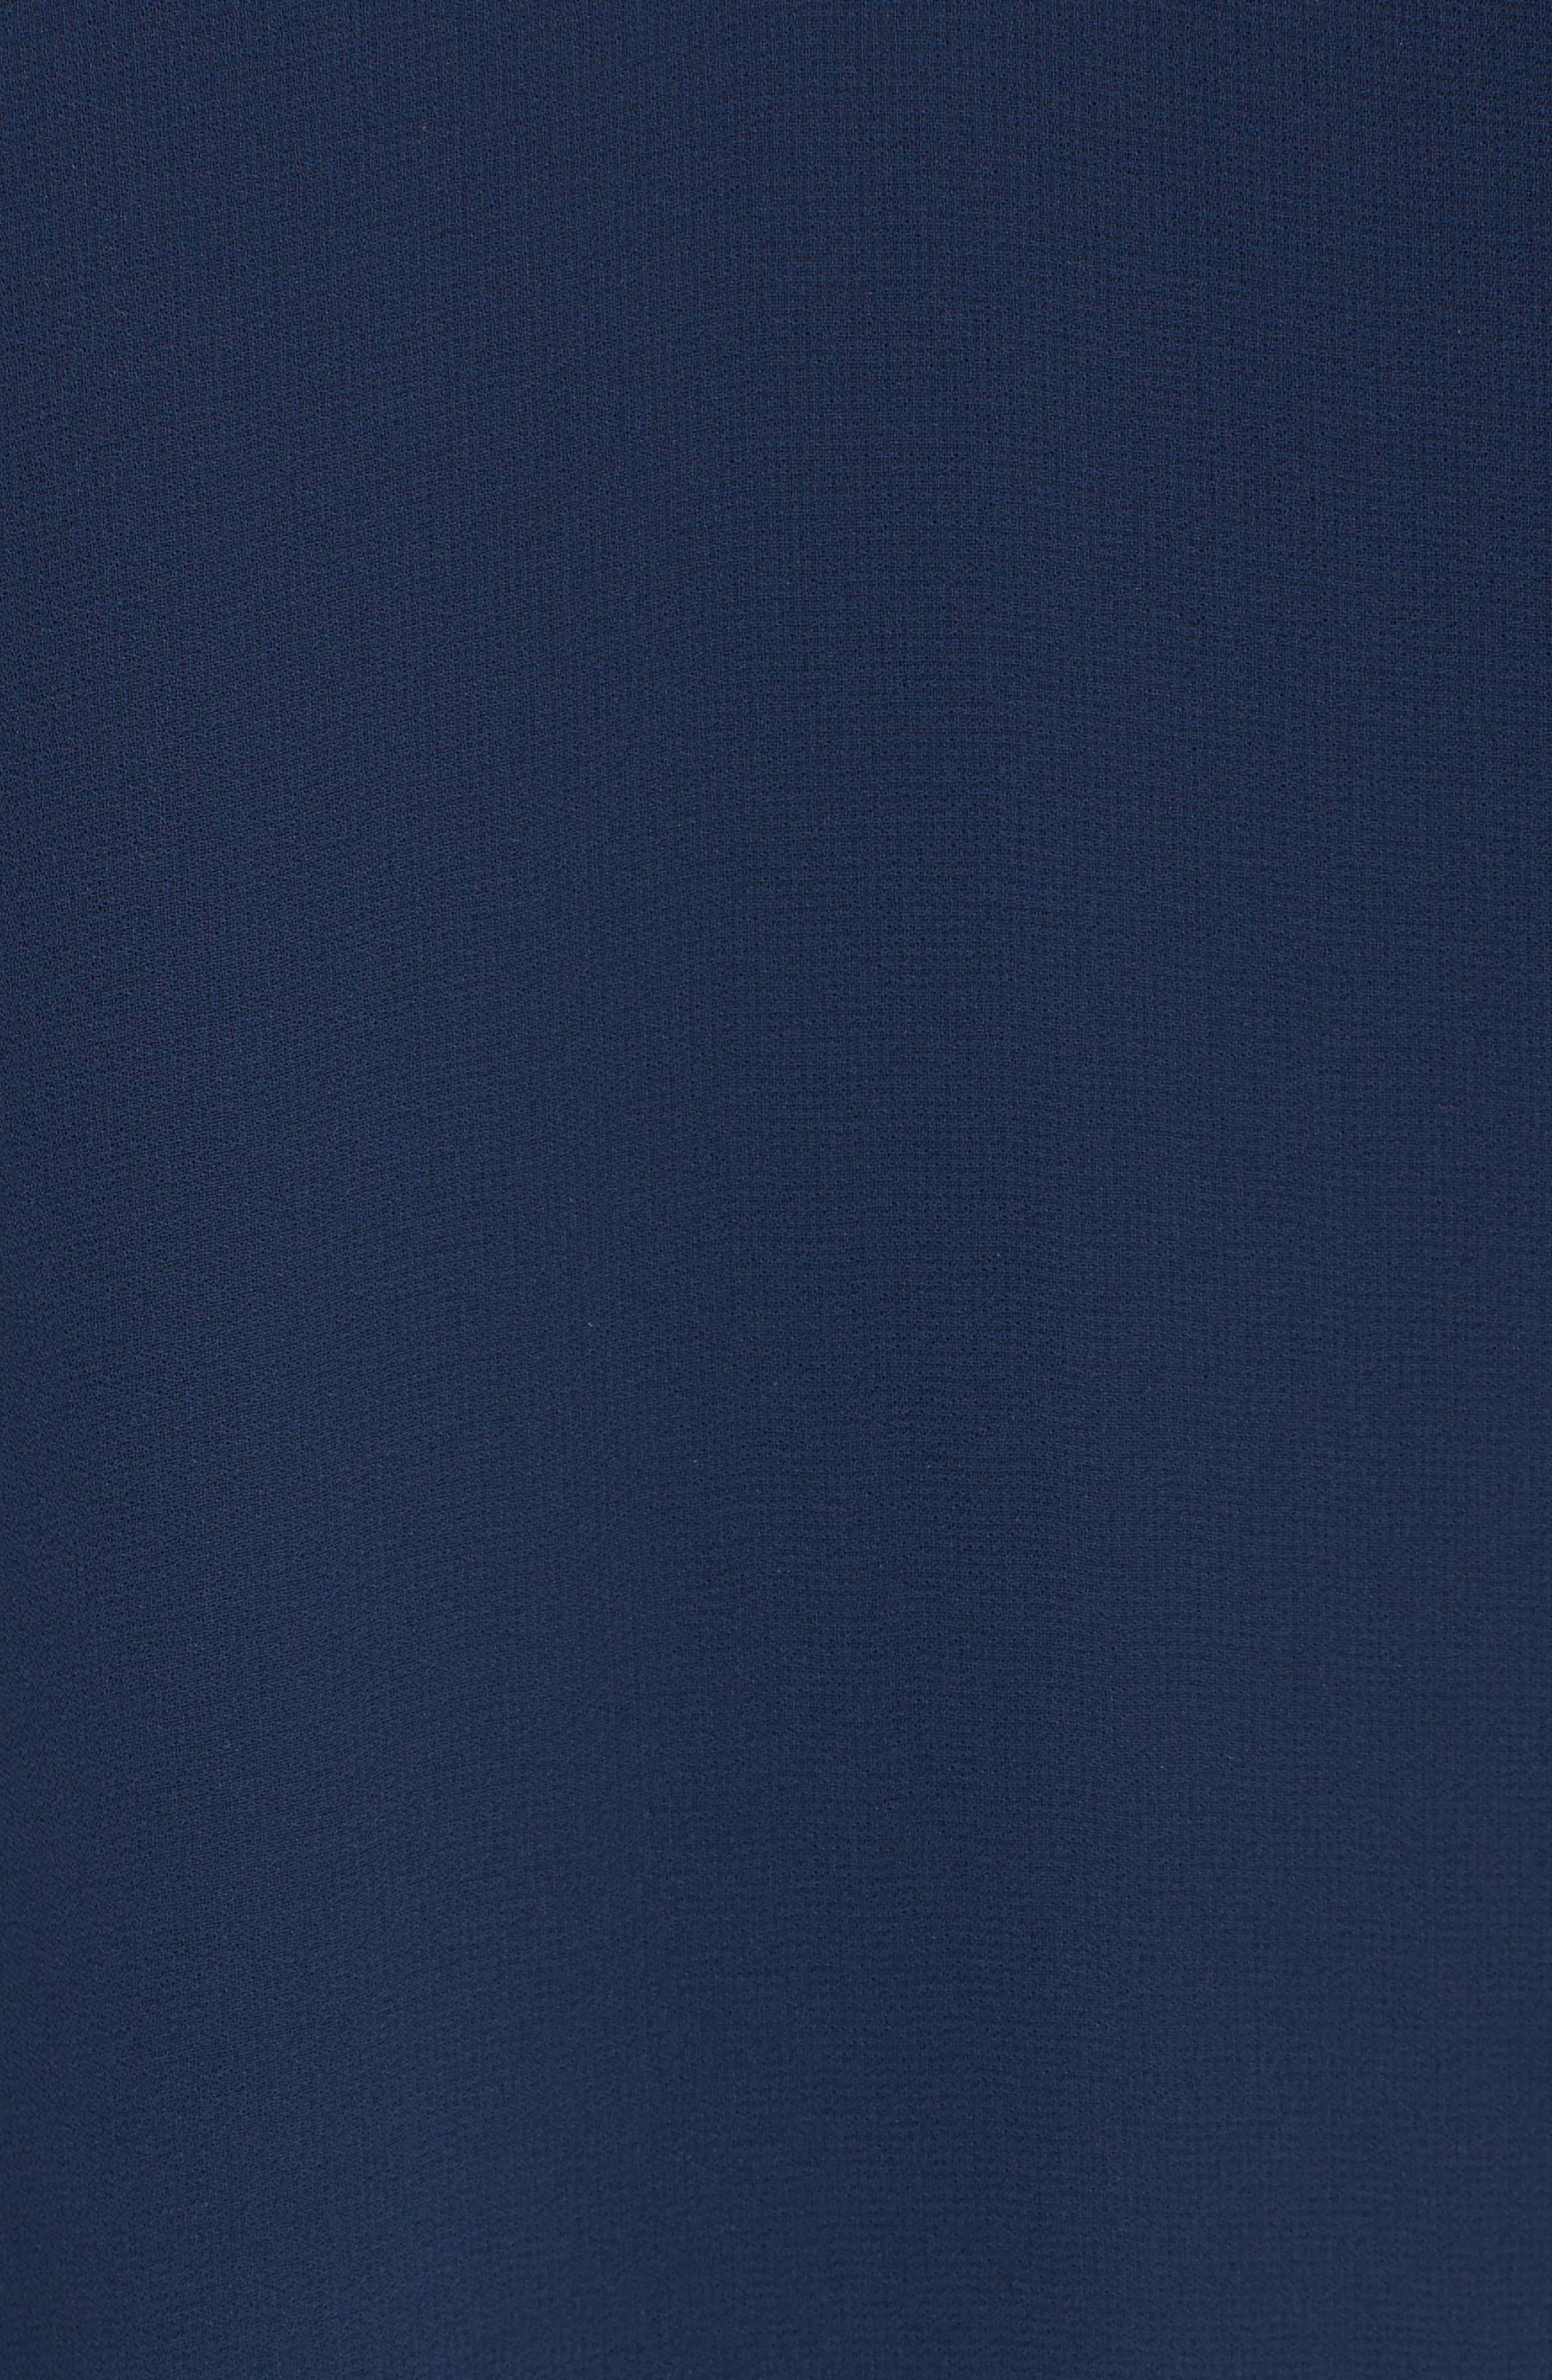 Ruffle Sleeve Shift Dress,                             Alternate thumbnail 18, color,